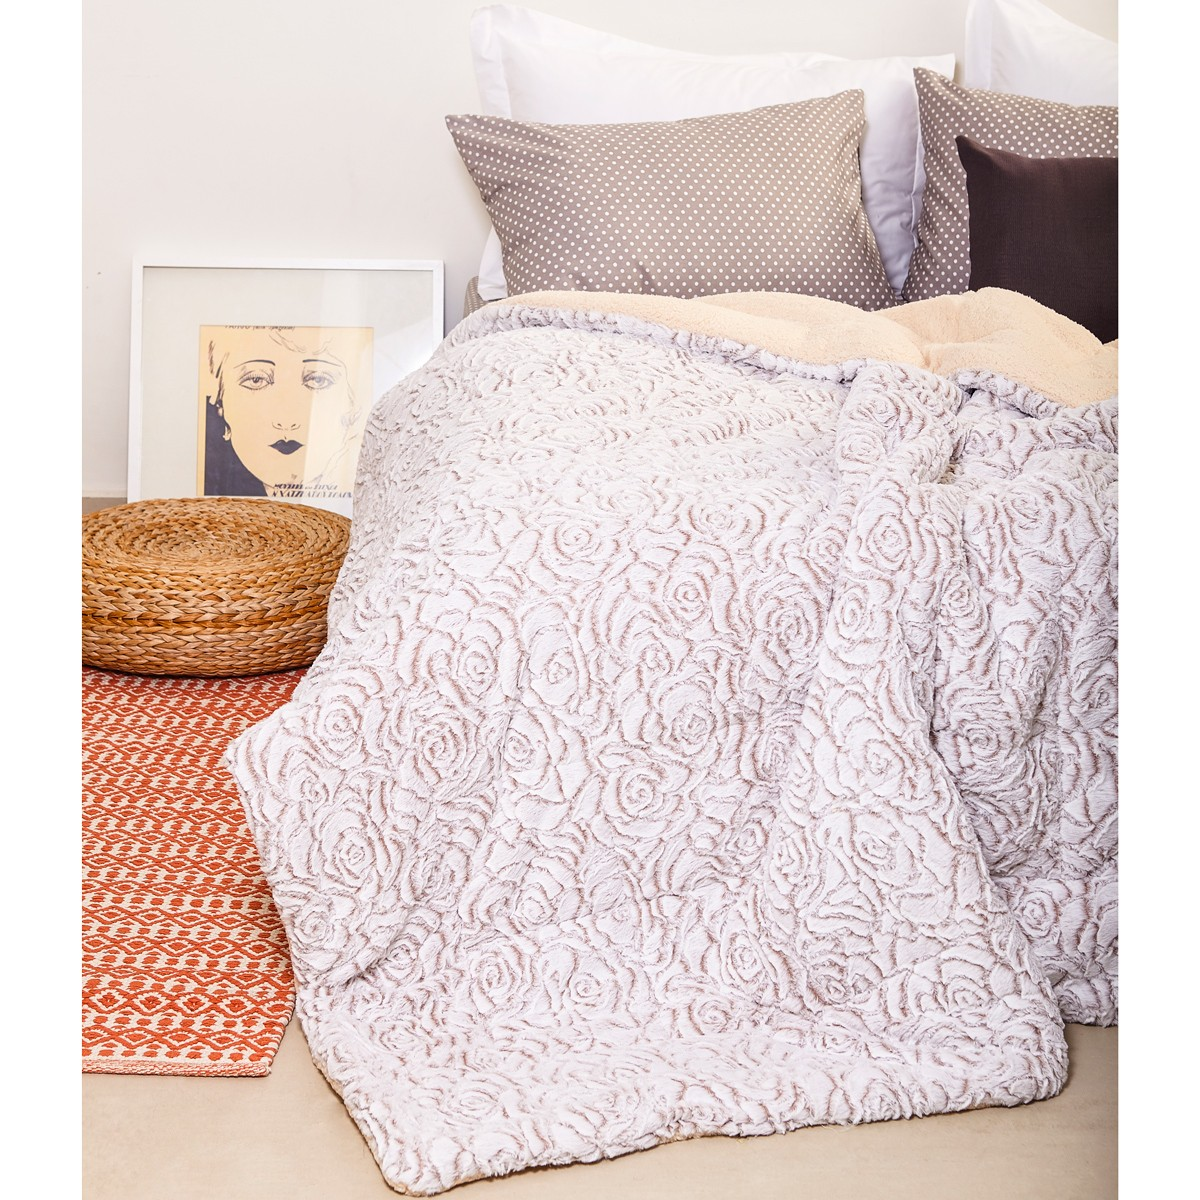 Κουβερτοπάπλωμα Υπέρδιπλο Melinen Abby Rose home   κρεβατοκάμαρα   παπλώματα   κουβερτοπαπλώματα